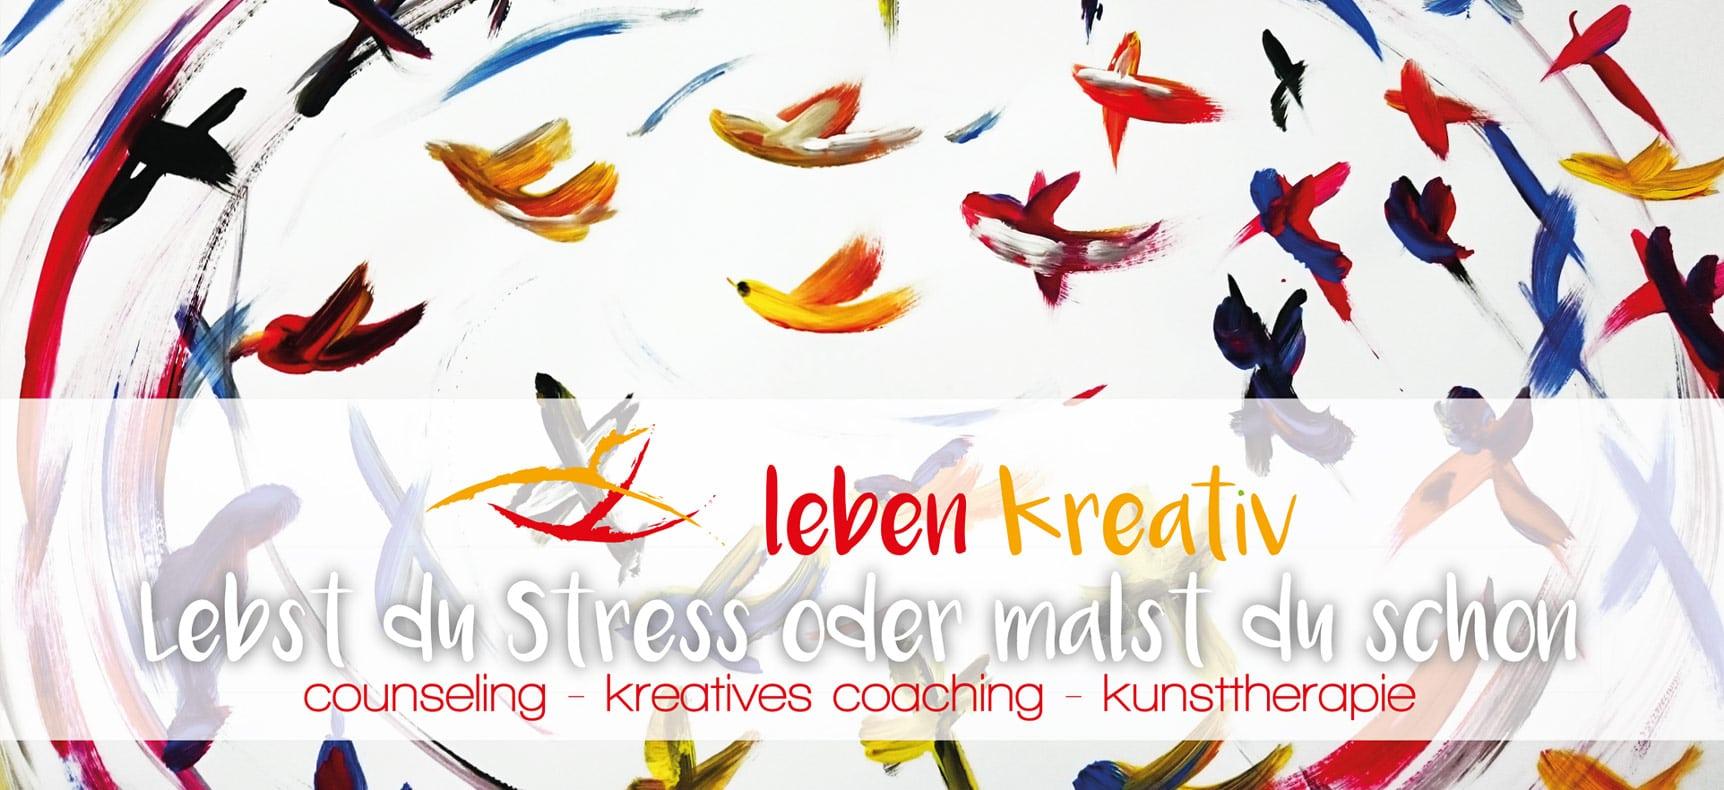 Atelier Kienbaum Leben Kreativ | Corporate Design entwickelt von StatusZwo.com